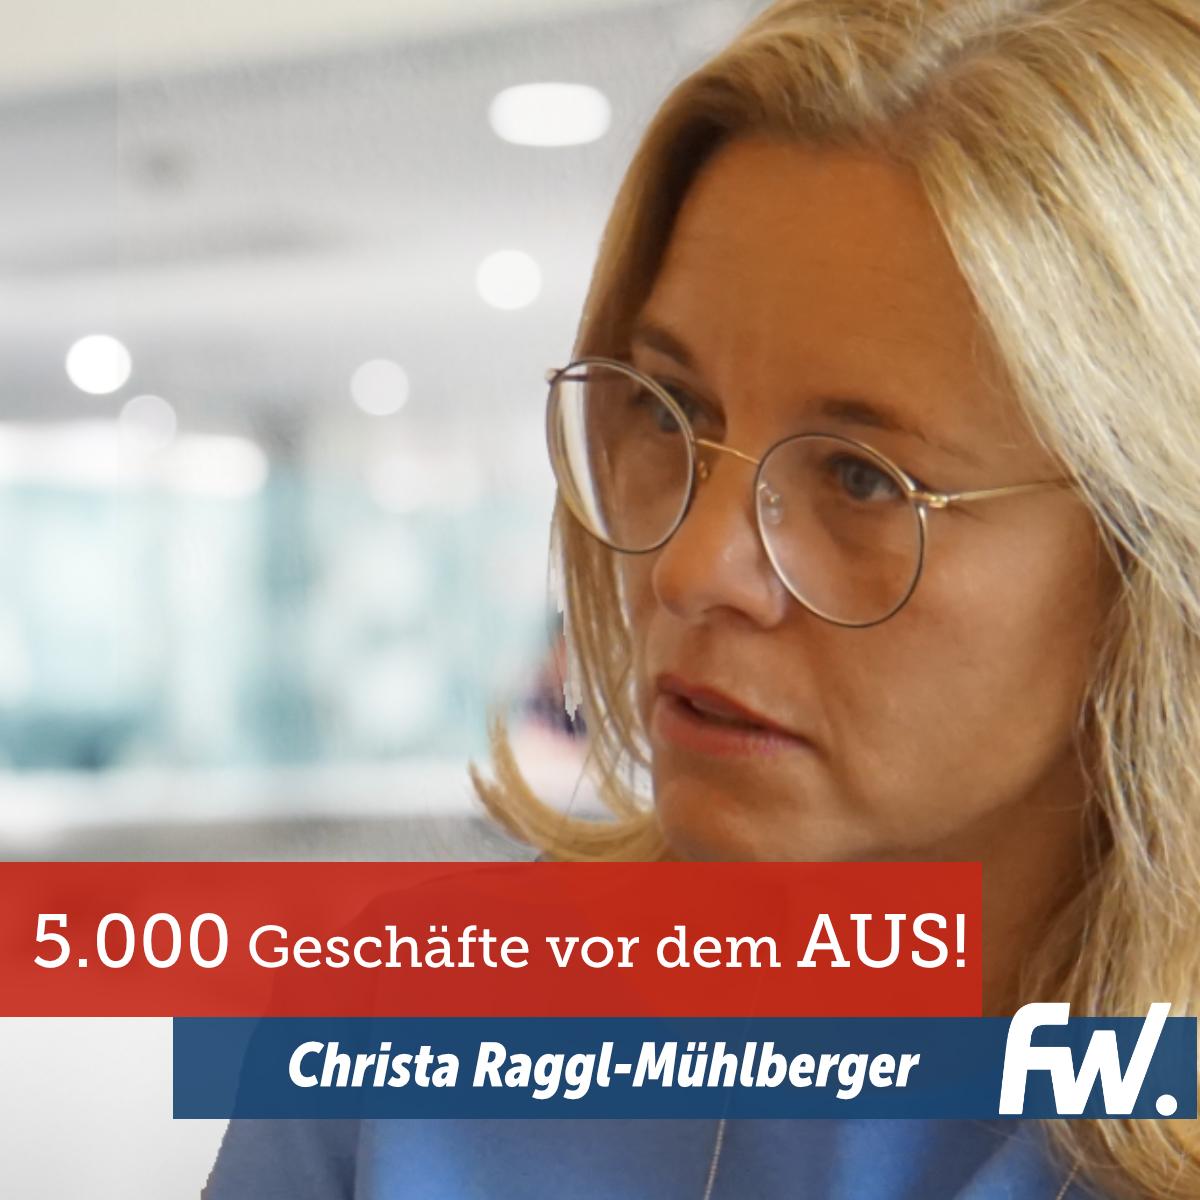 Christa Raggl-Mühlberger Porträtbild und Aussage: 5.000 Geschäfte vor dem Aus!